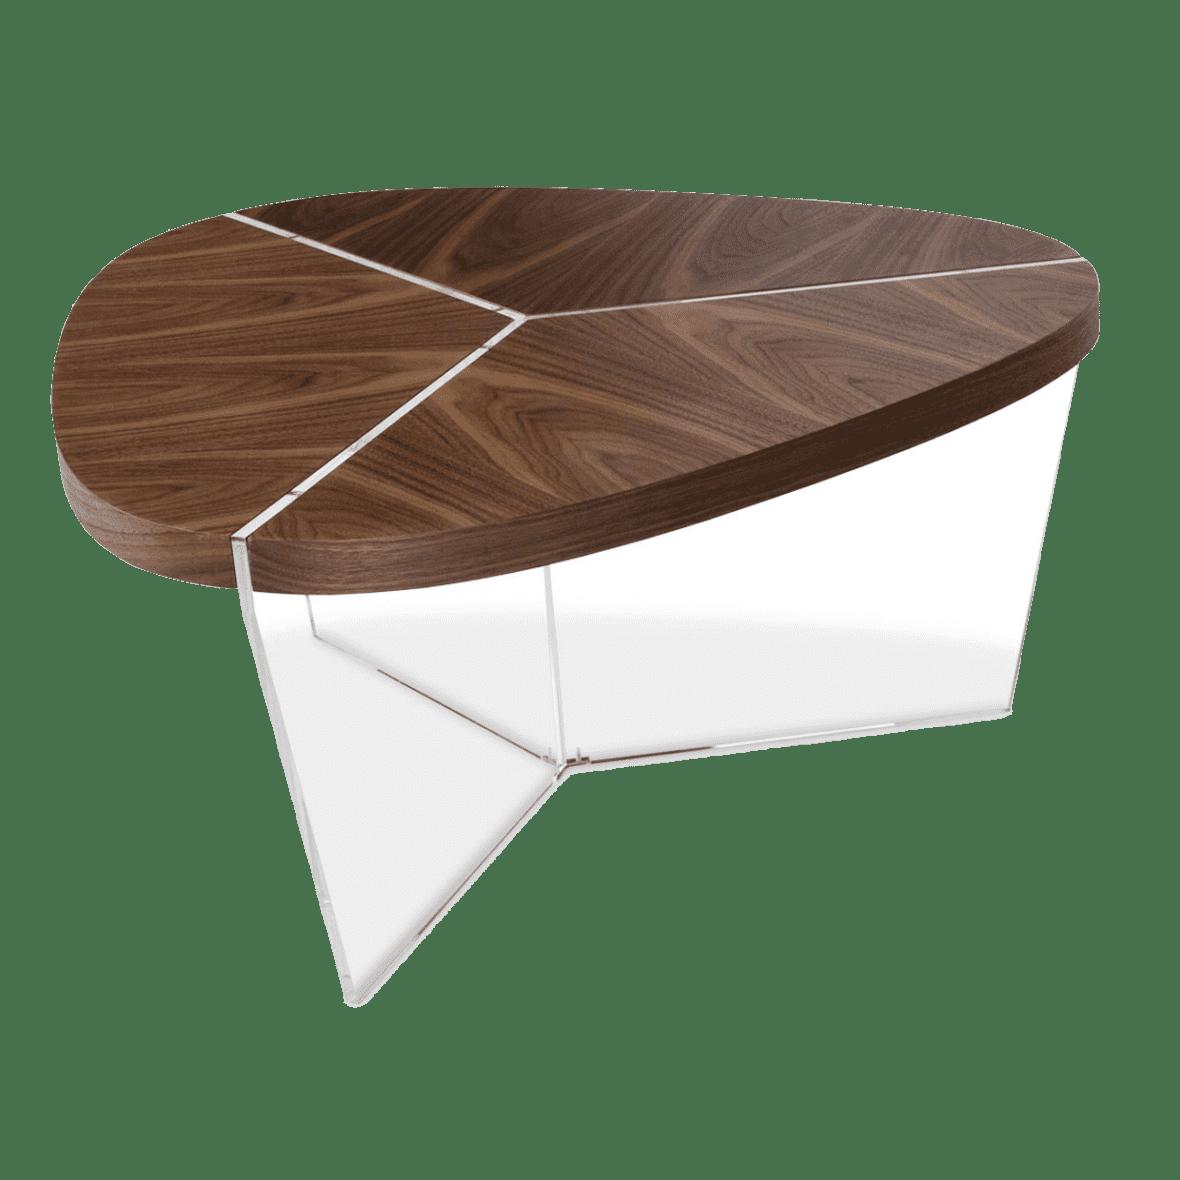 Sector Треугольный журнальный стол, высокий